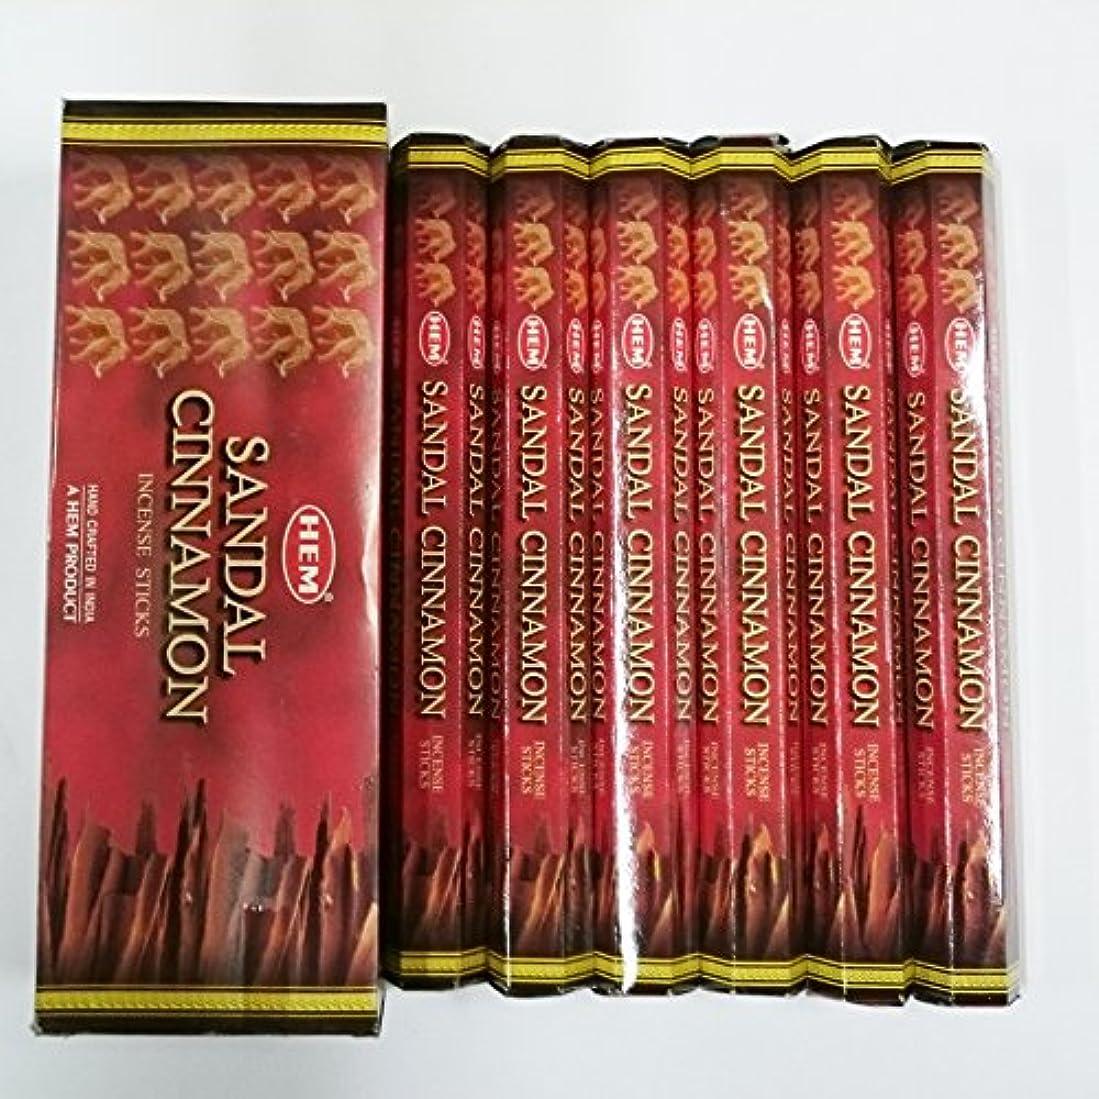 銀ありがたい男性HEM (ヘム) インセンス スティック へキサパック サンダル シナモン香 6角(20本入)×6箱 [並行輸入品]Sandal Cinnamon